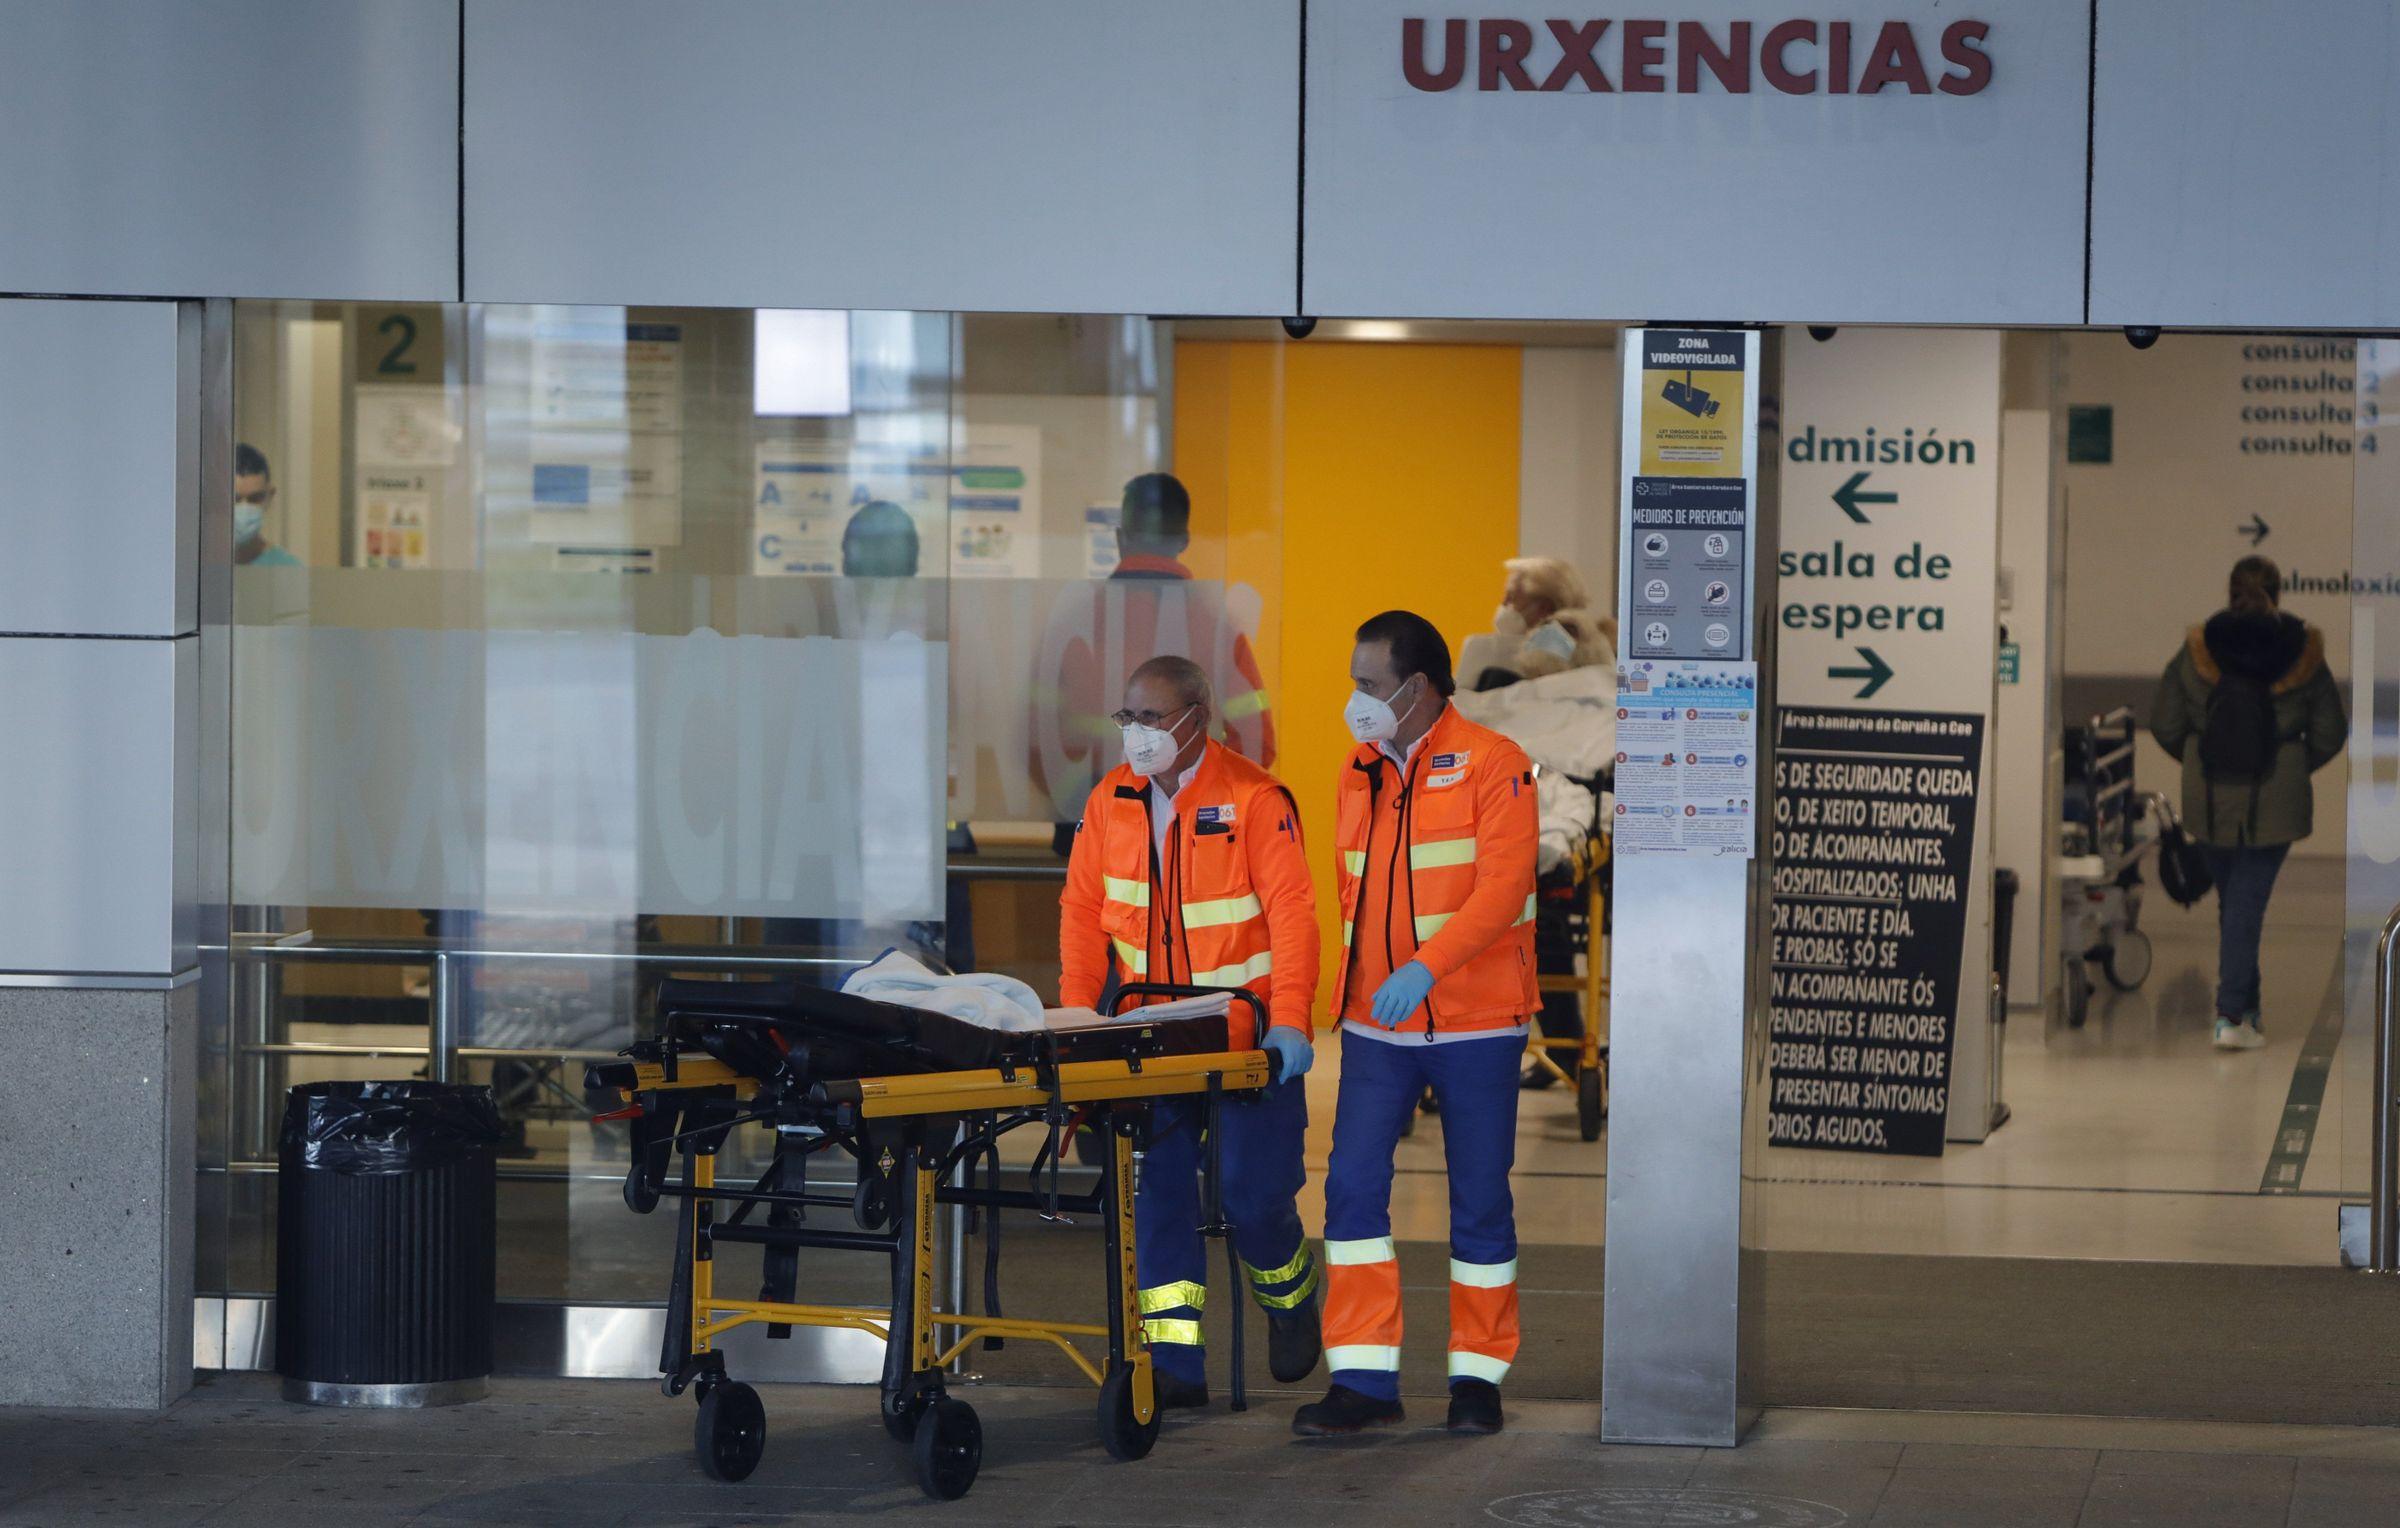 Feijoo explica las nuevas restricciones para Galicia.Entrada a Urgencias del Chuac